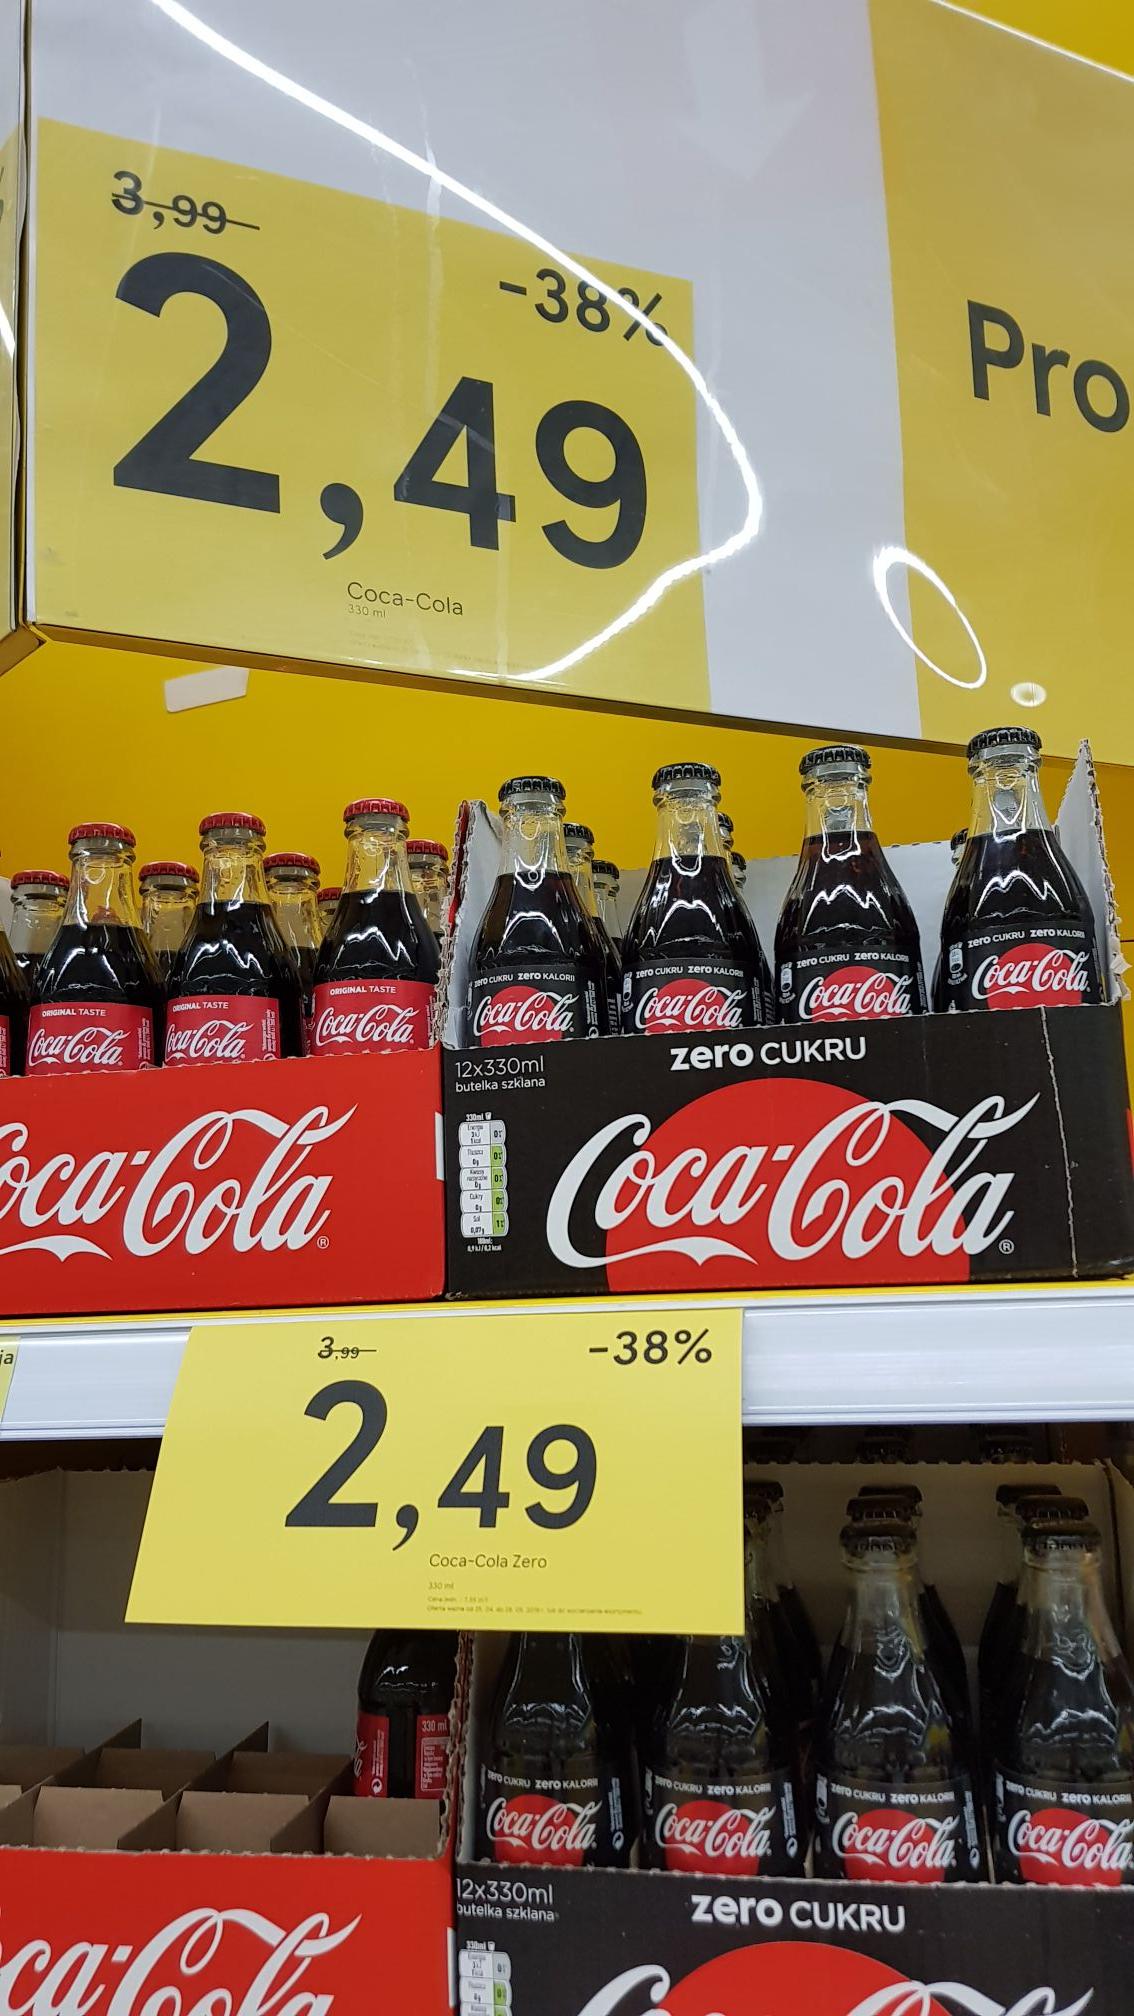 Coca-Cola szklana butelka